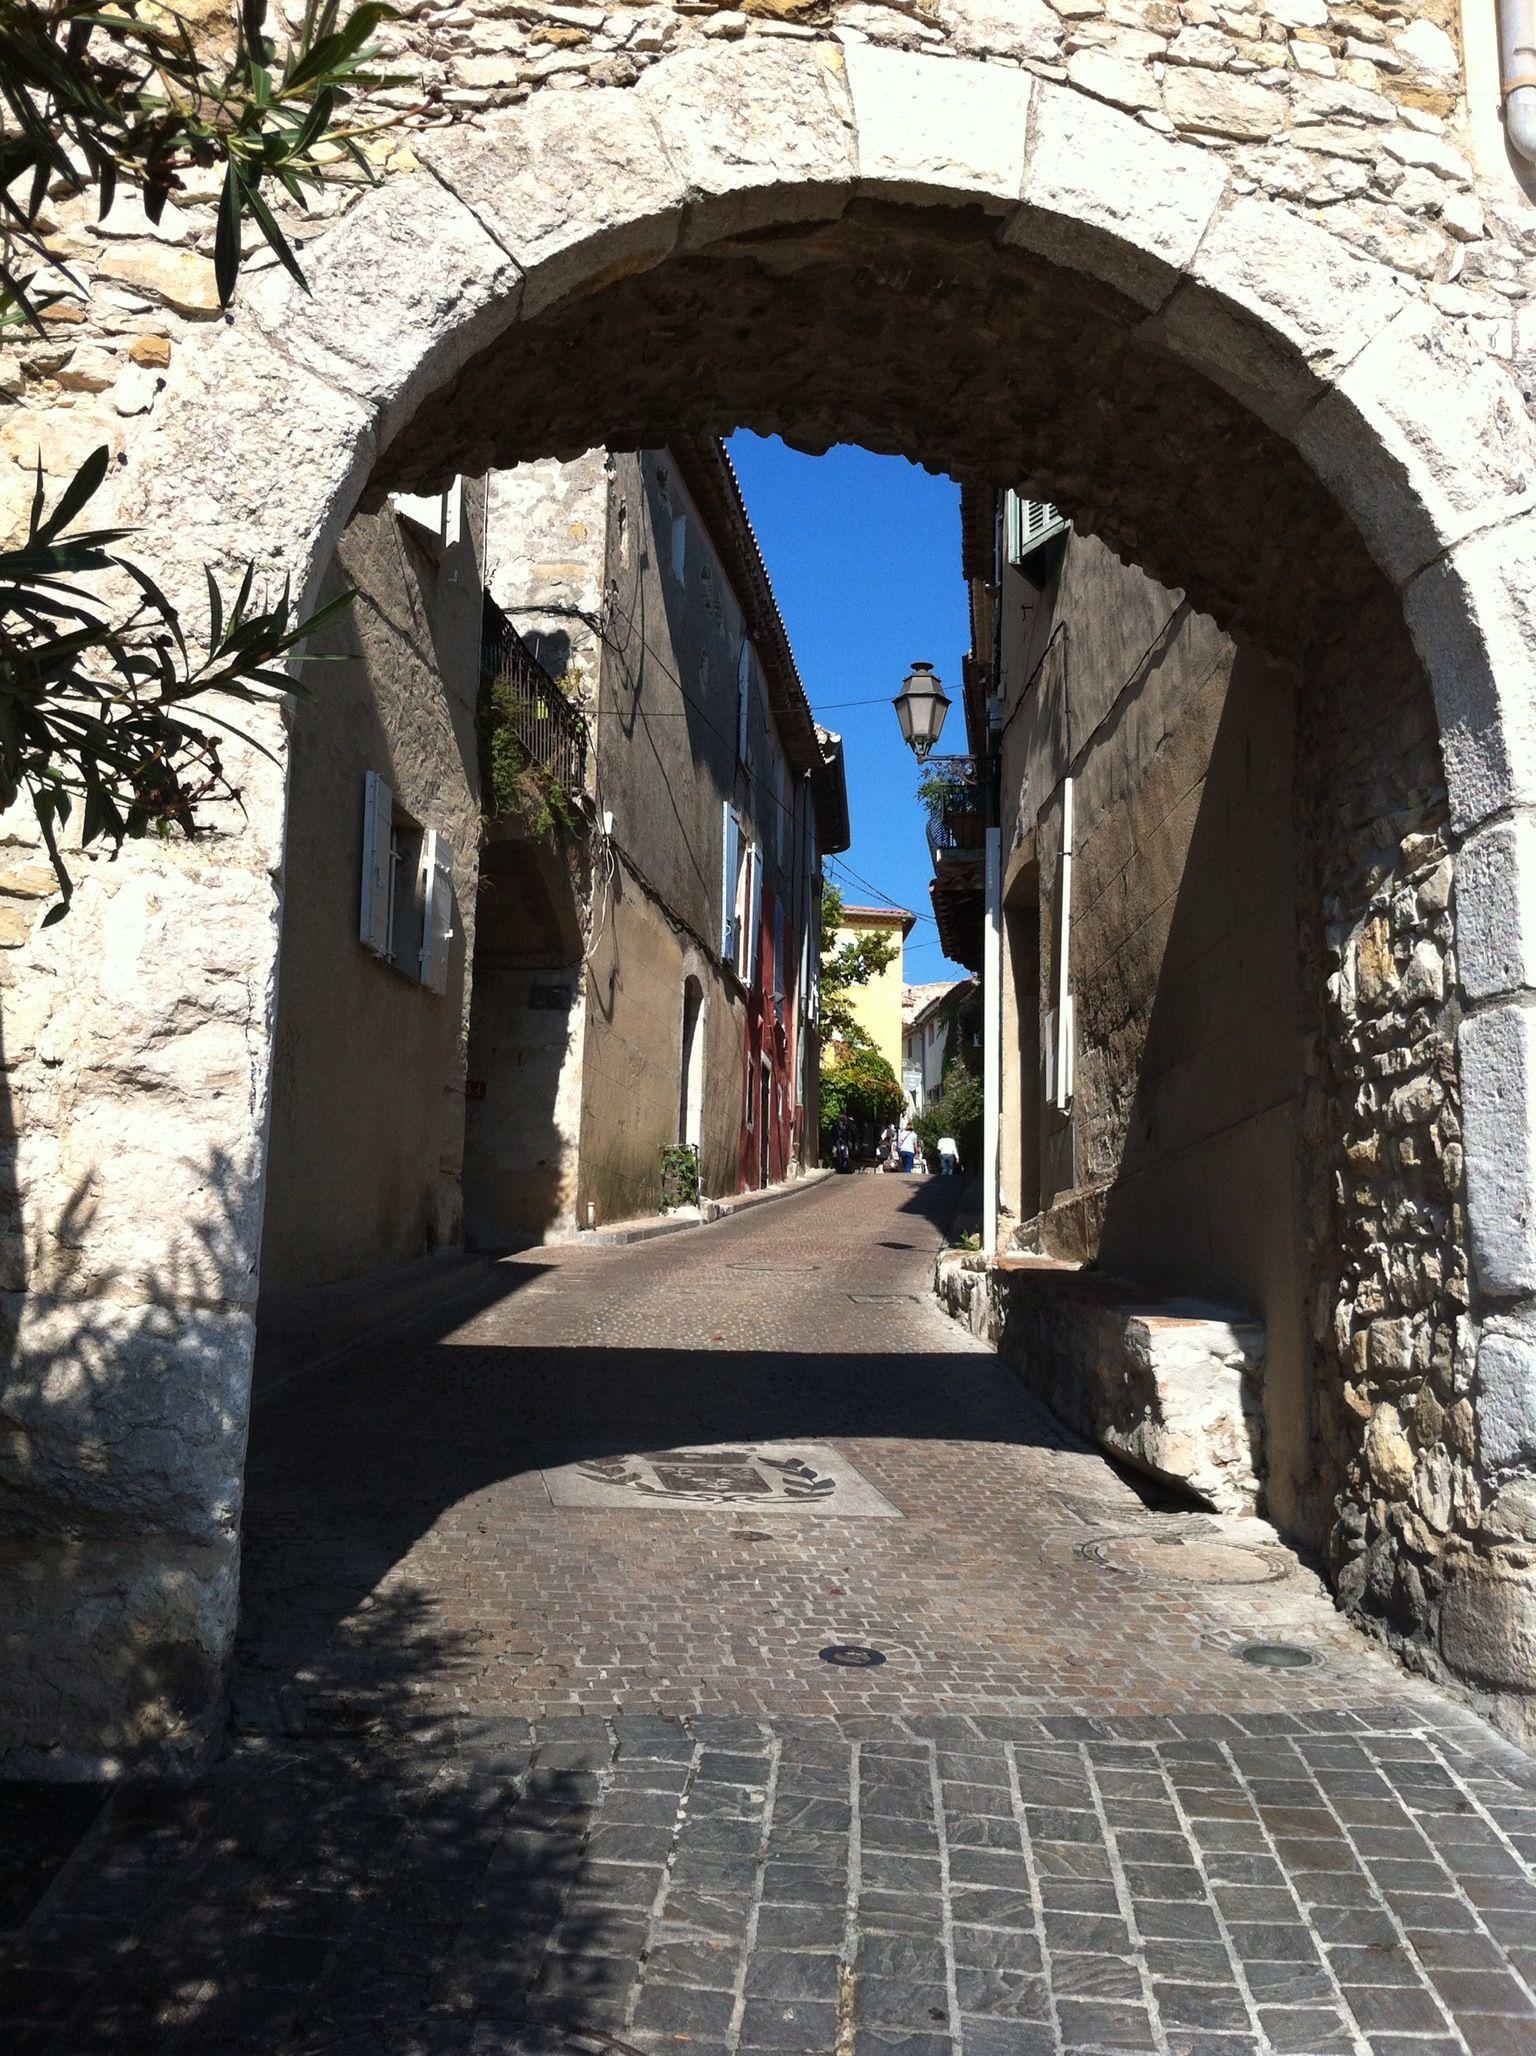 Le castellet, Provence Favorite Places & Spaces Places